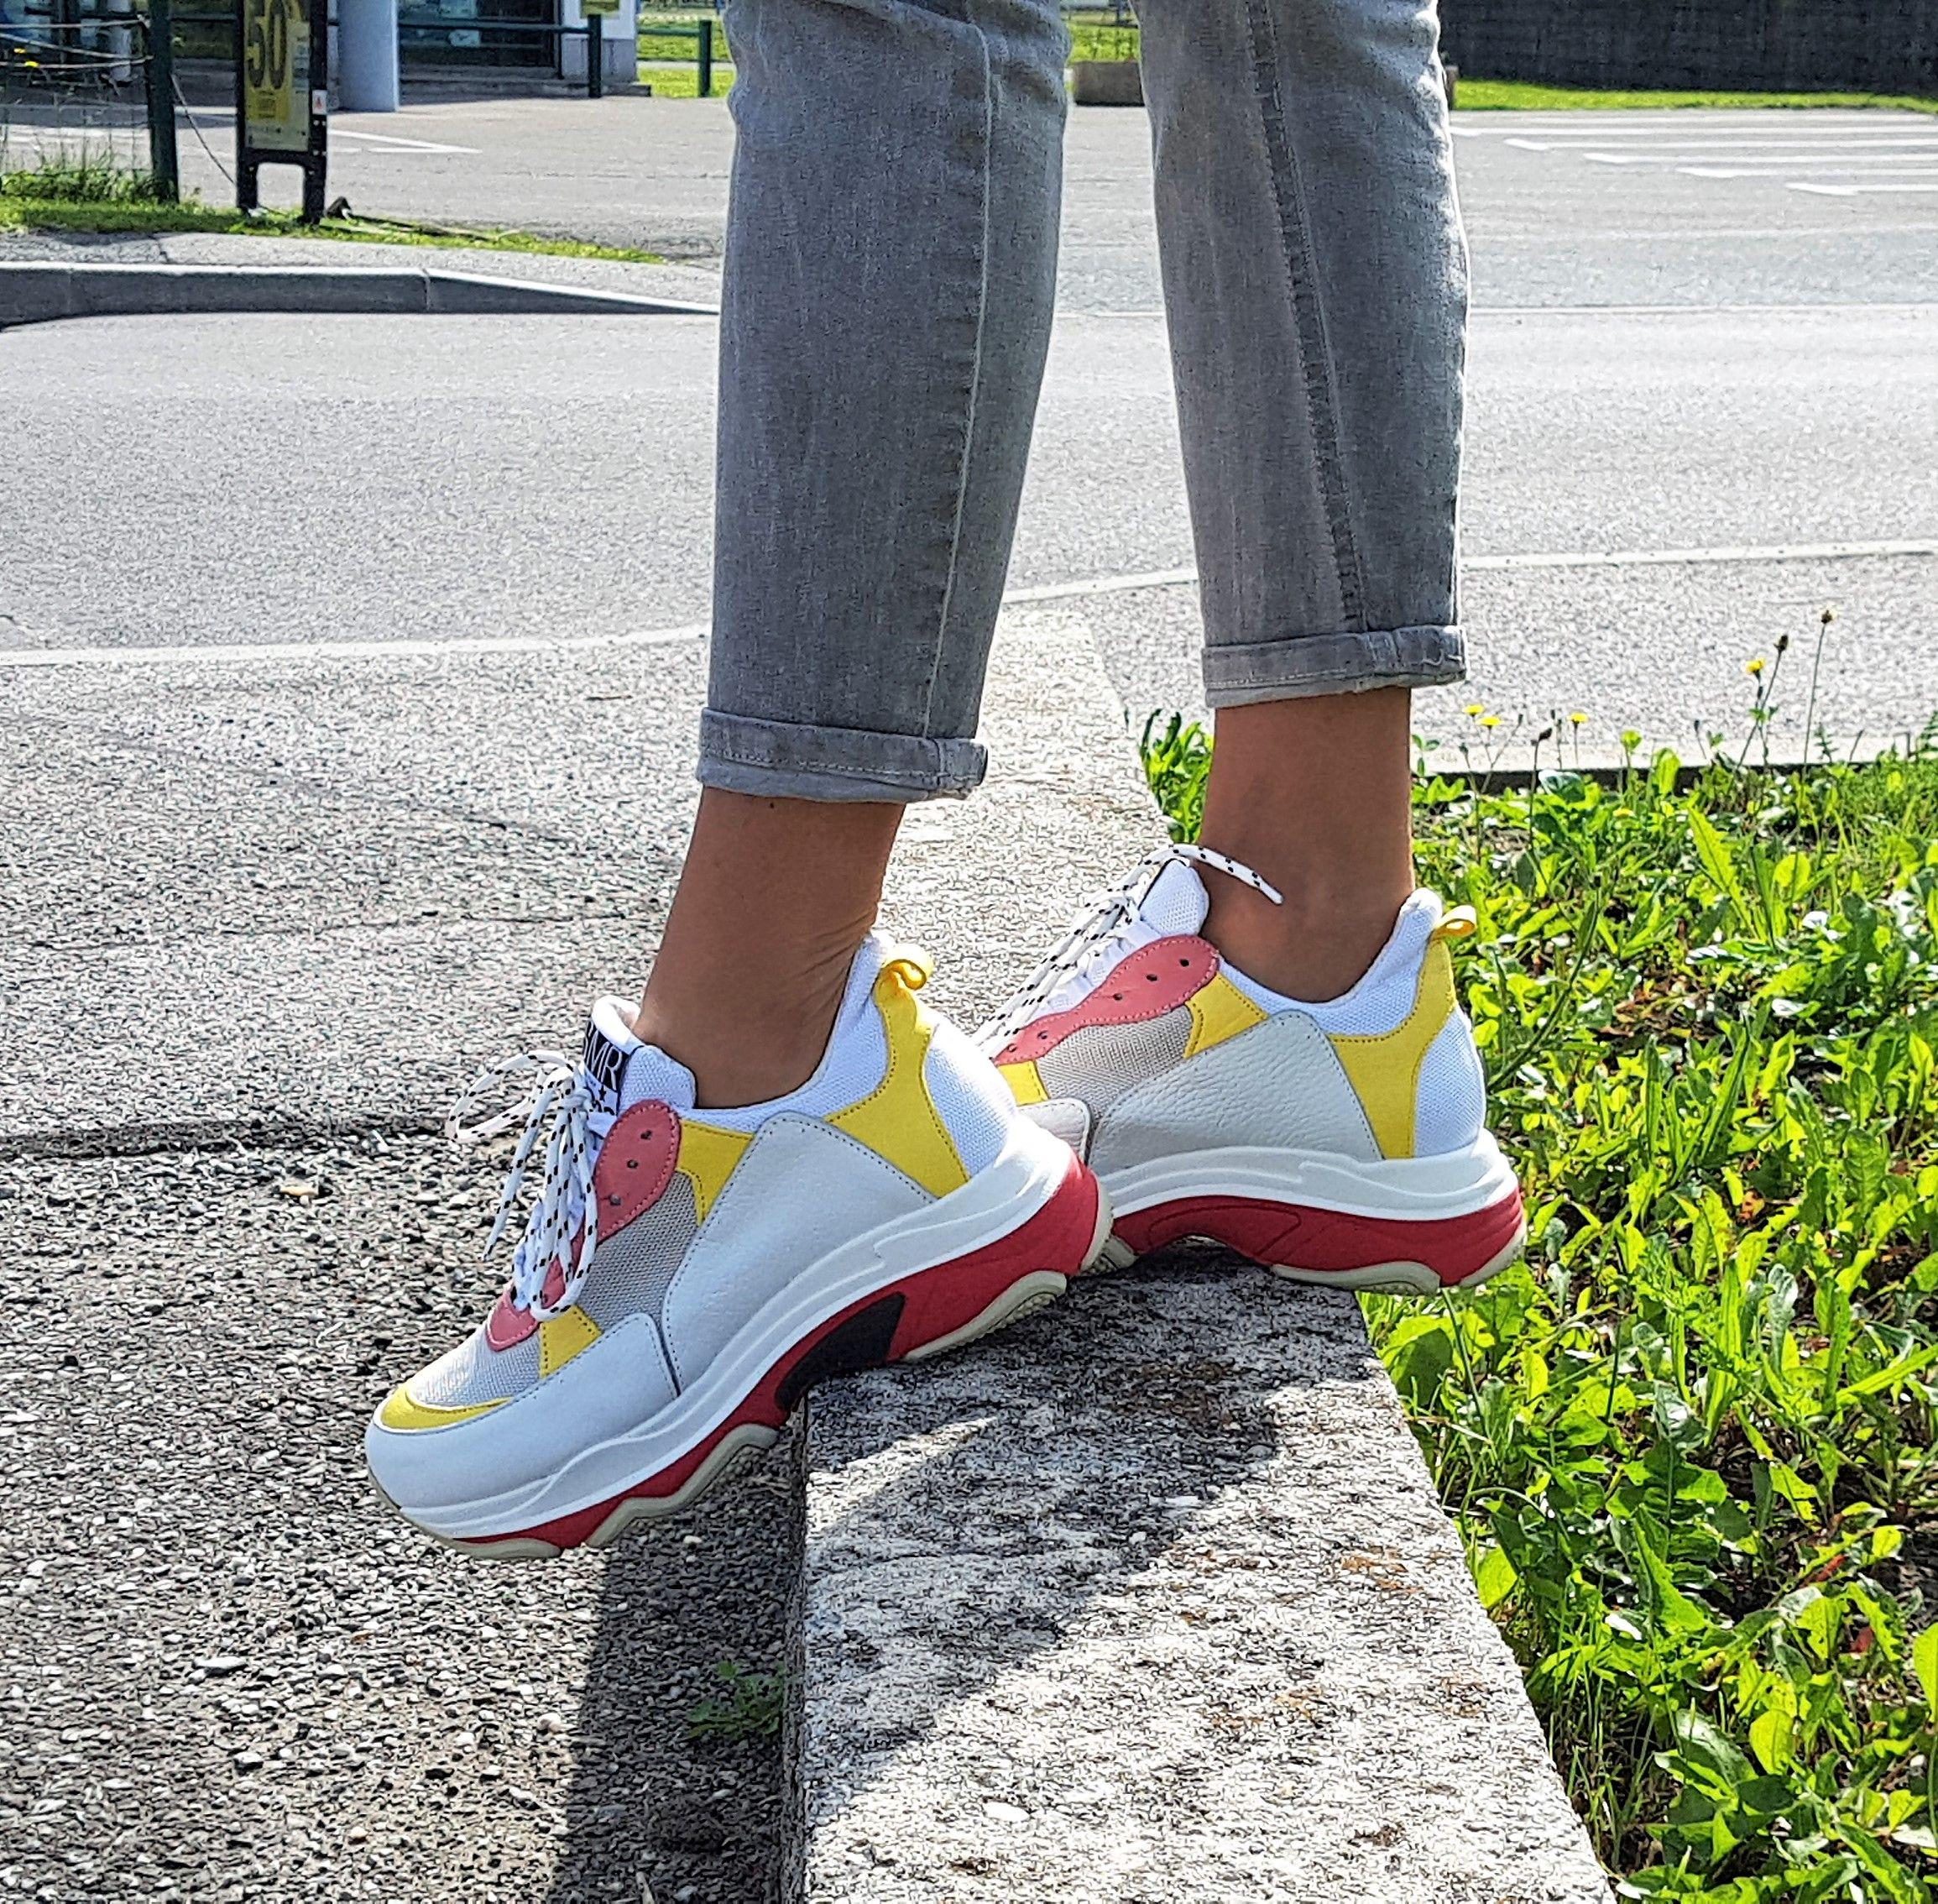 aaec65927ec7 ... La mode des #basketsxxl arrive chez Semerdjian ! On adore les couleurs  et la maxi semelle ! #semerdjian #dadsneakers #uglysneakers #shoes #ootd  #SMR